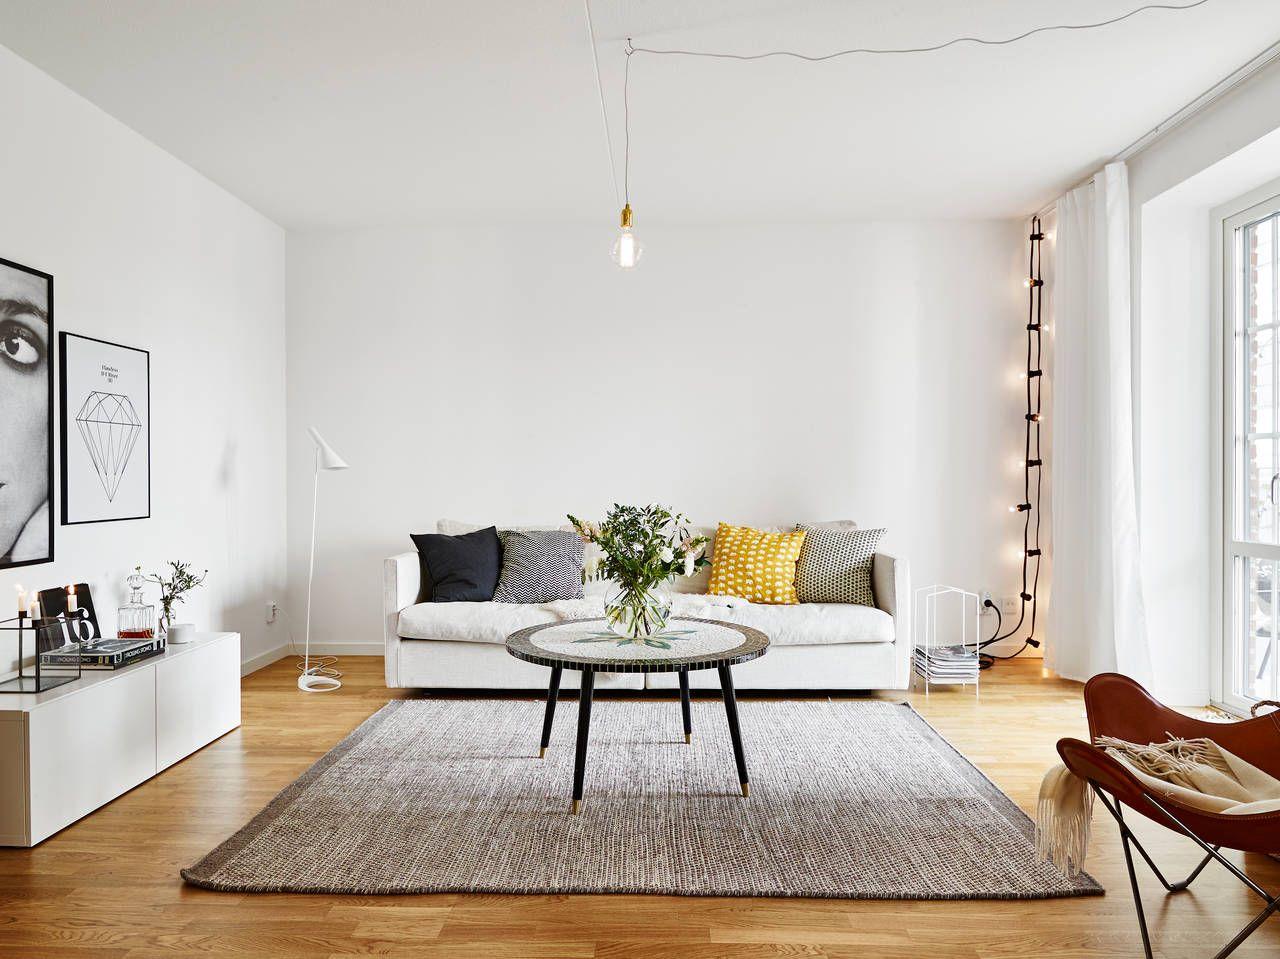 Innenausstattung Wohnzimmer ~ Besten wohnzimmer bilder auf wohnzimmer ideen neue